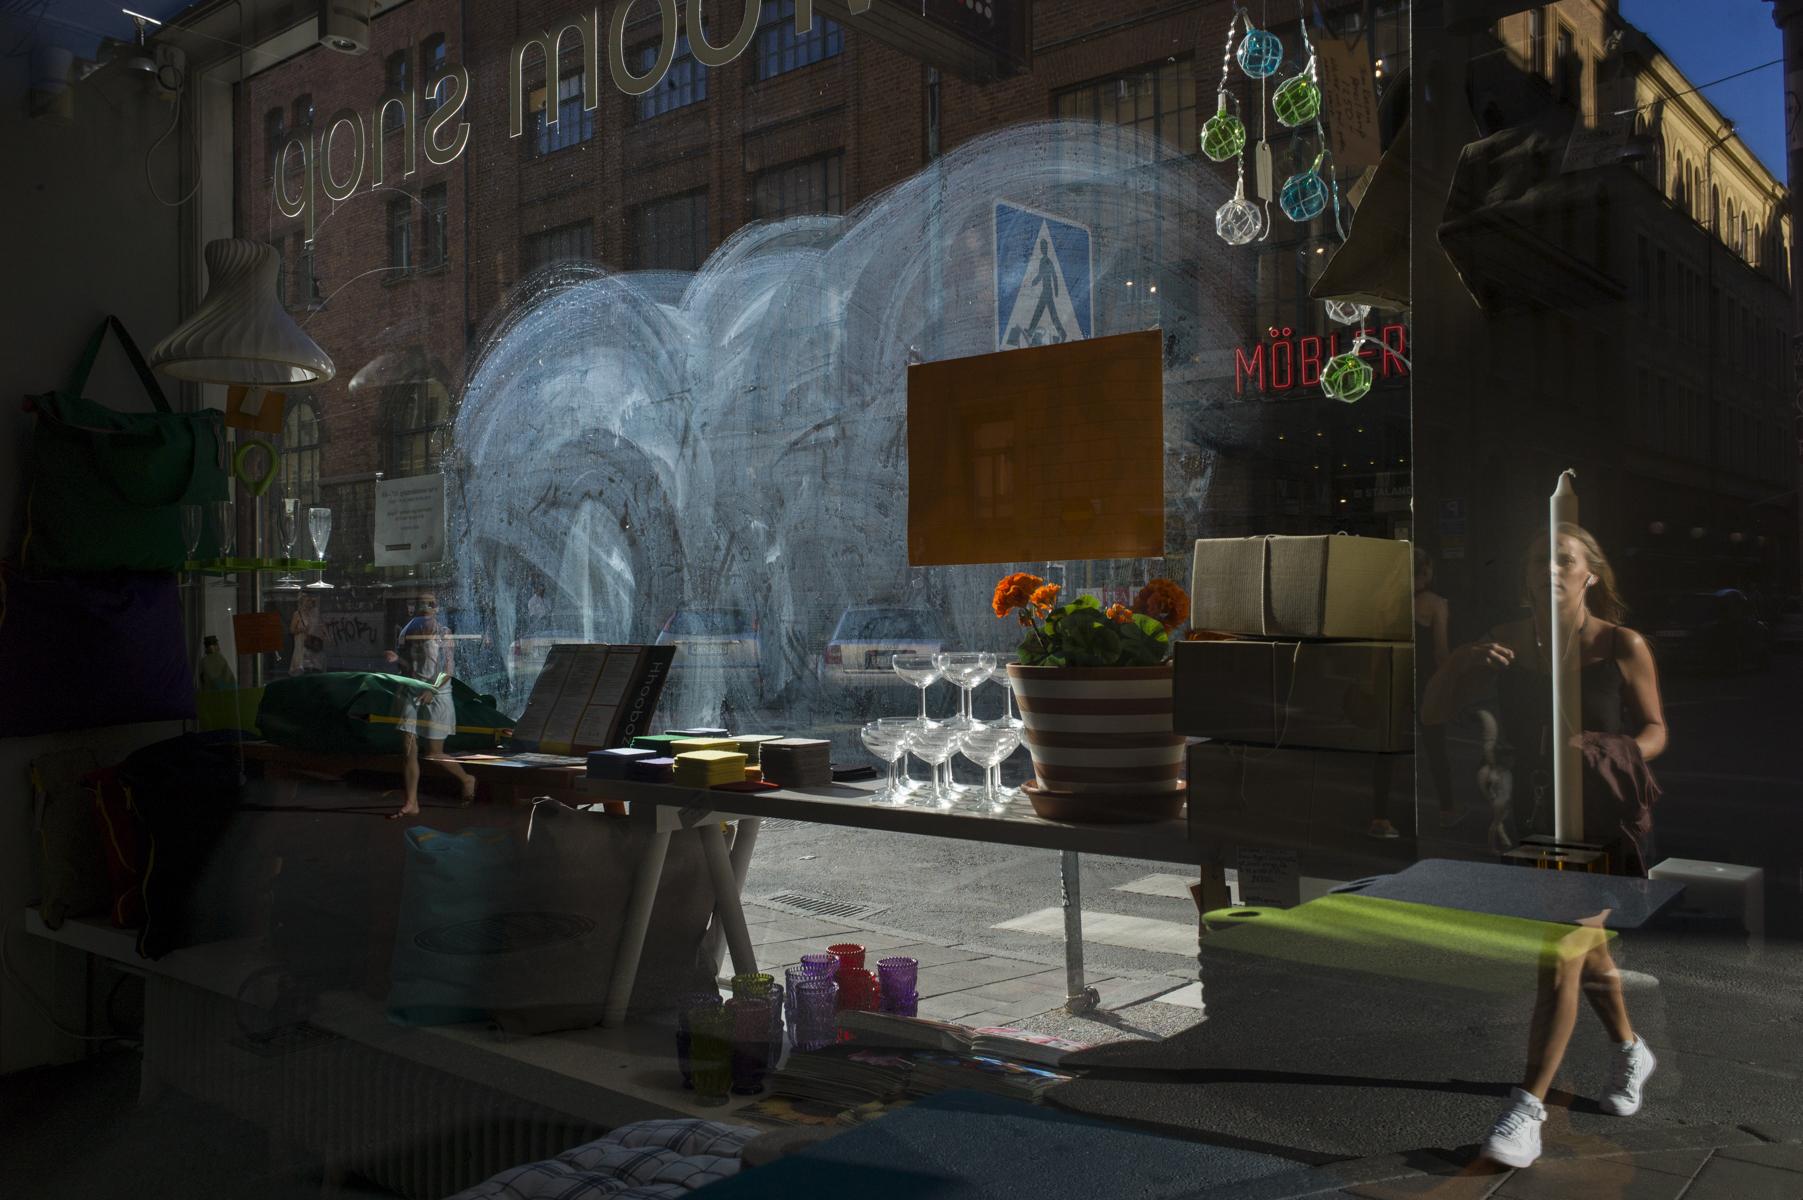 © Misha Pedan  Plats/Datum: Stockholm 2016 Bildmått: 40x60 cm. Teknik: Arkivbeständig pigmentbläckutskrift Träram med passepartout 50x70 cm Upplaga: 5 + 1 AP. Signerad: Ja. Pris: SEK 4900